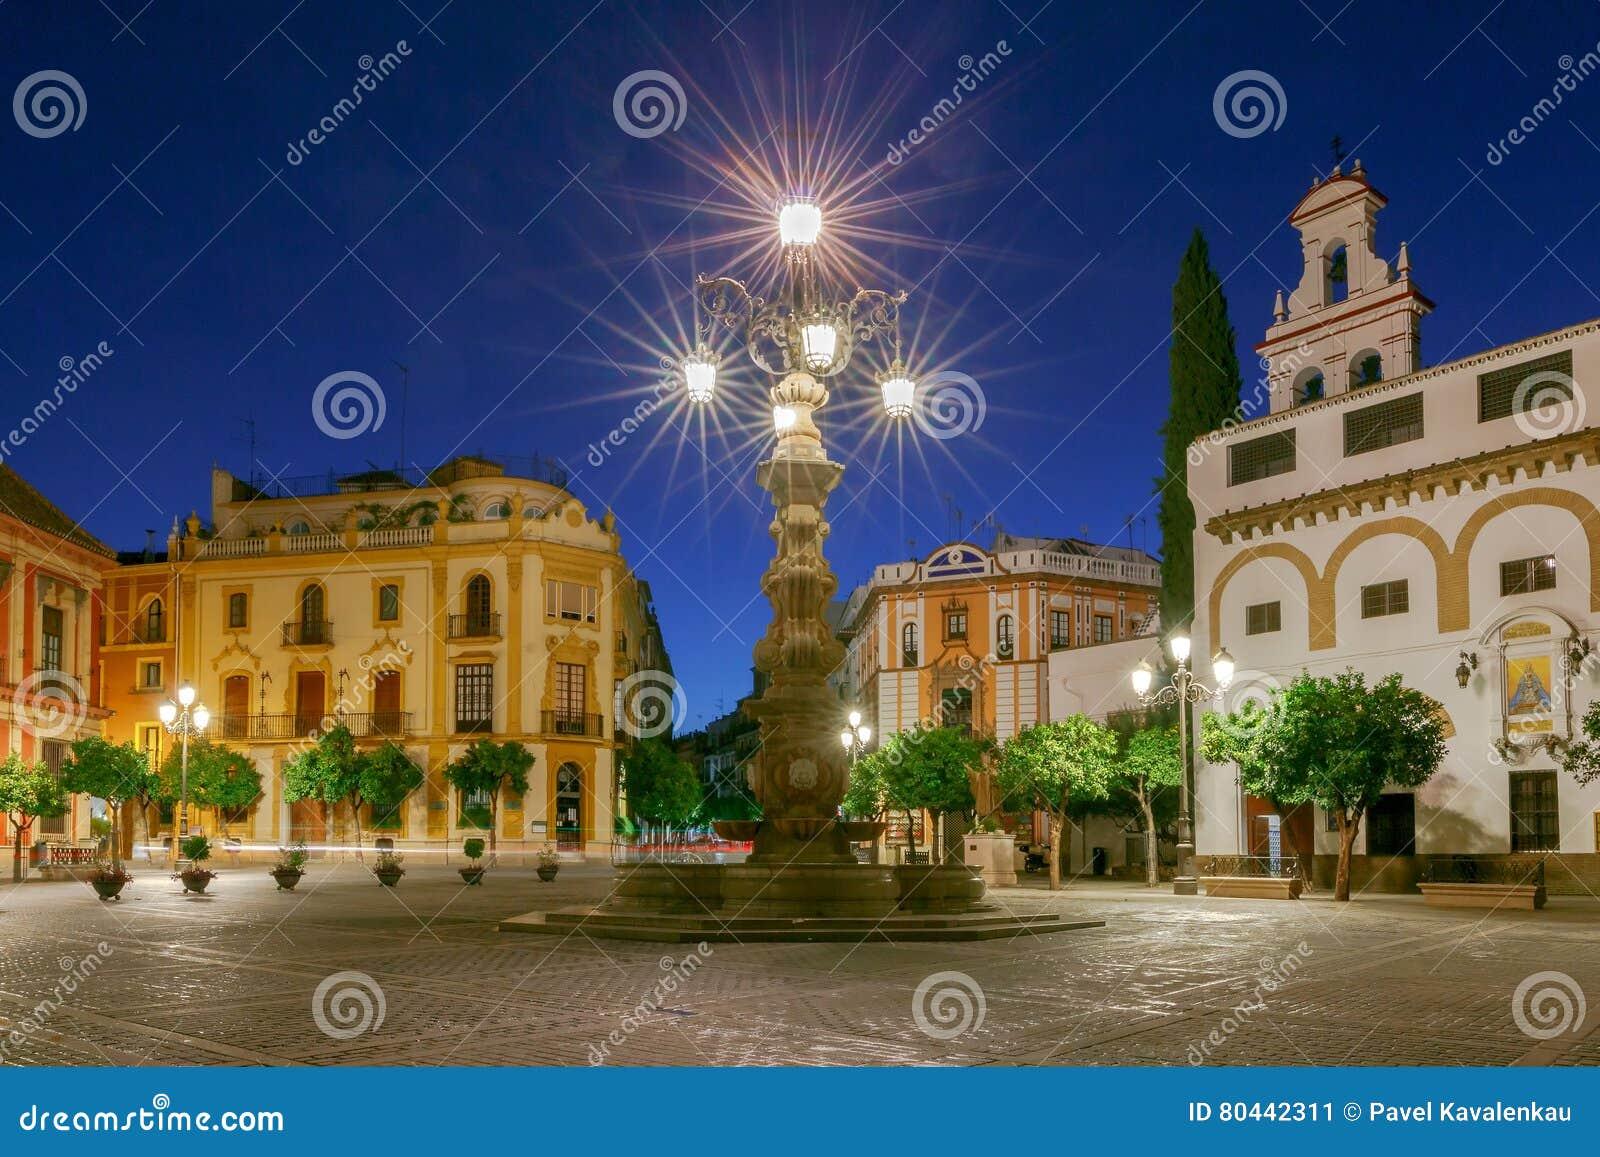 Sevilla Plaza DE La Virgen los Reyes